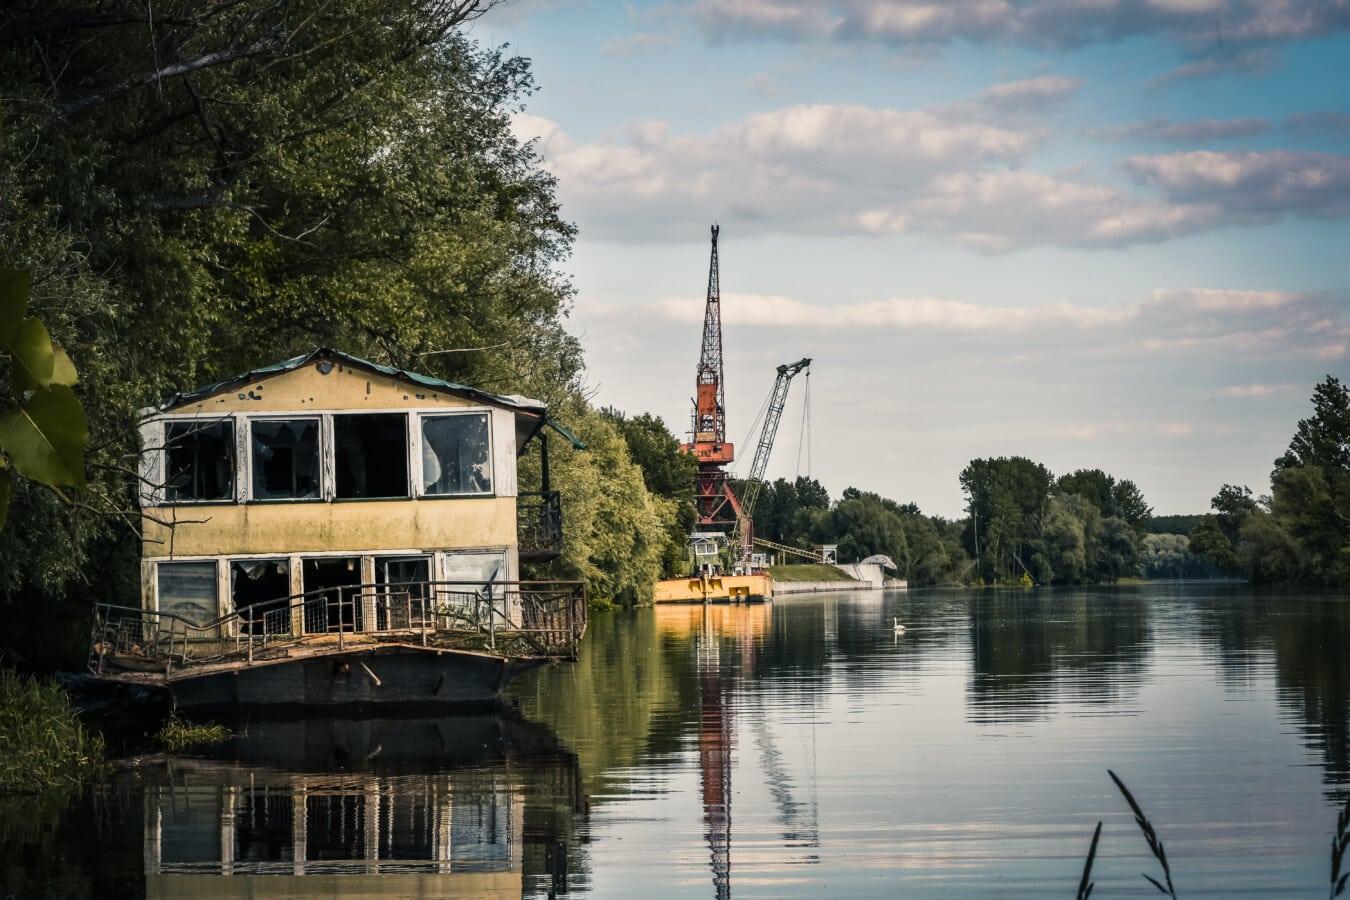 verlassener, Bootshaus, Verfall, See, Hafen, Wasser, Fluss, Reflexion, im freien, Architektur